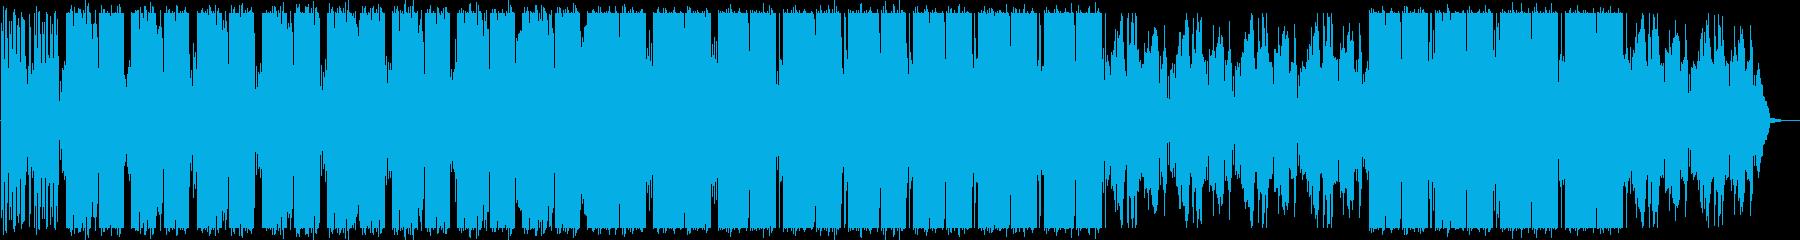 エレクトロニカ/不思議/綺麗/グリッチの再生済みの波形